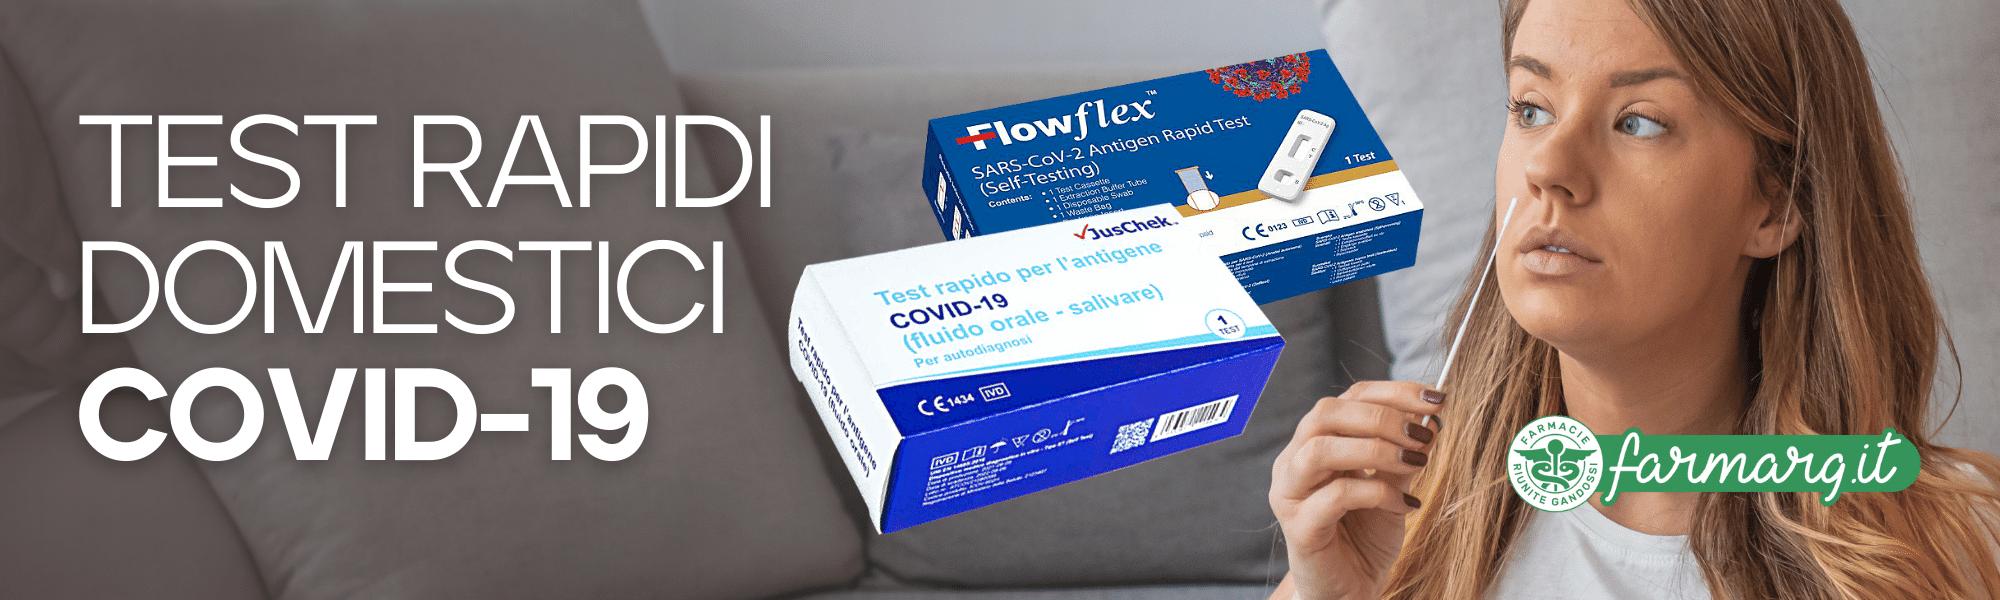 Test Rapido Covid Farmacia